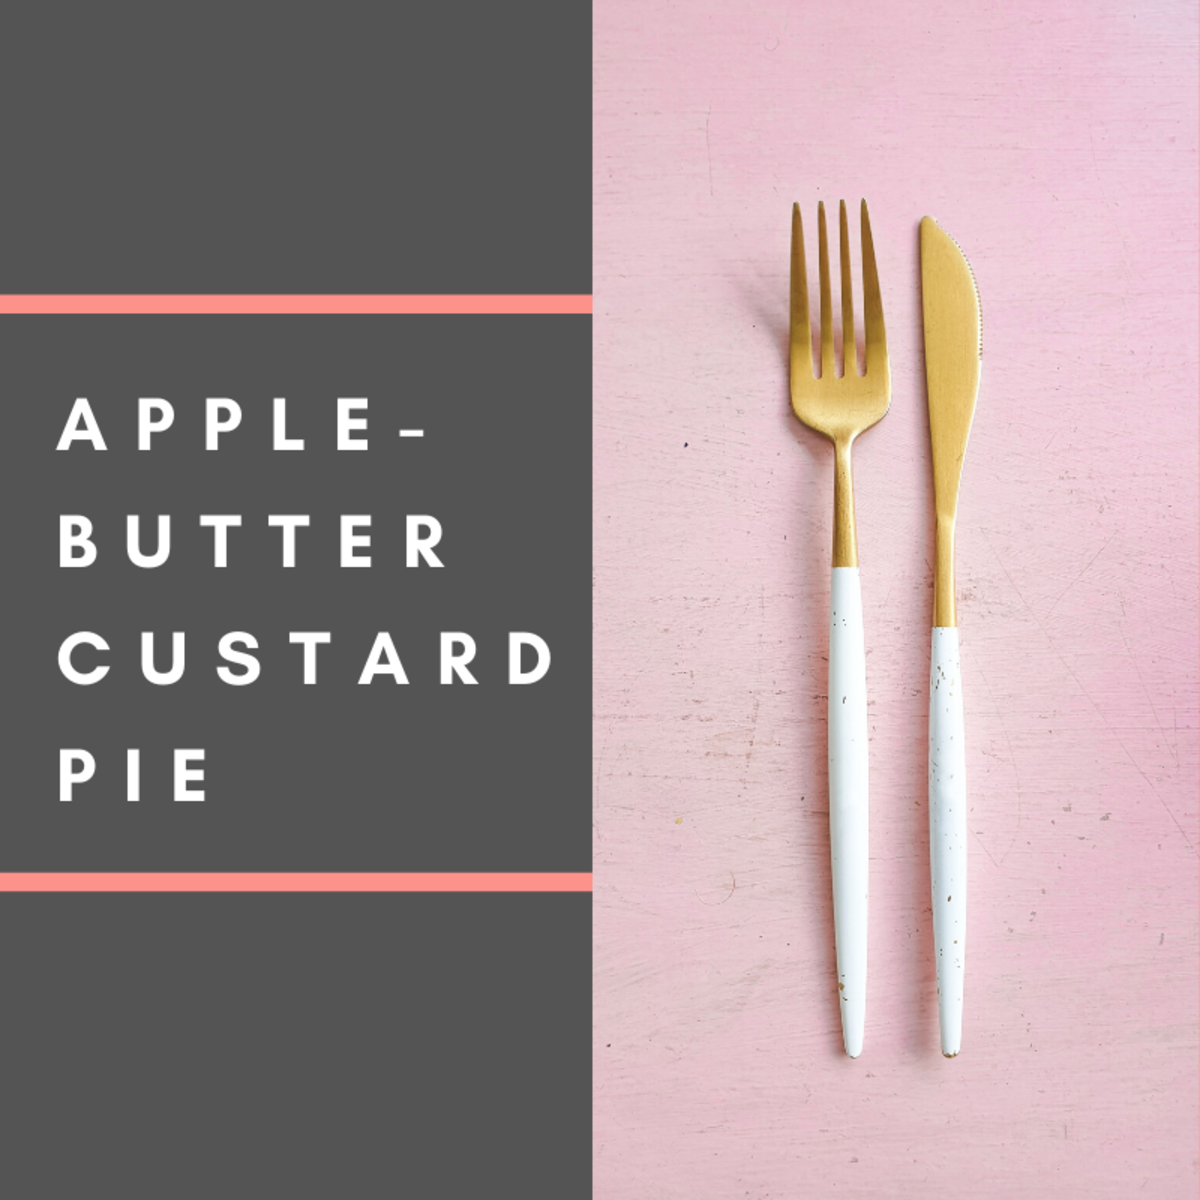 Apple-Butter Custard Pie